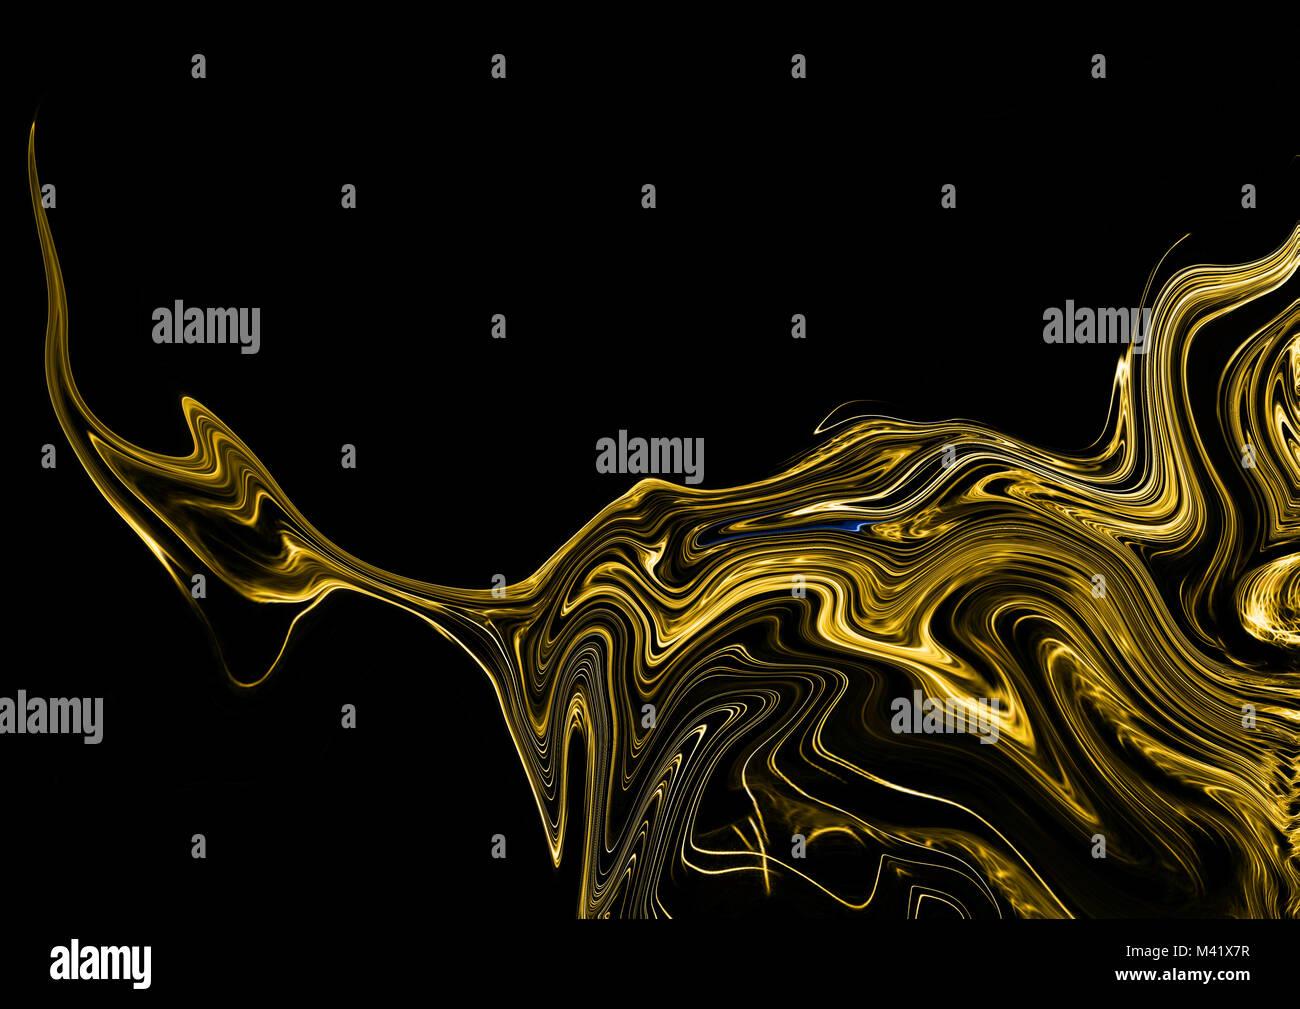 Liquid Dark Gold Marble Background Marbling Texture Design